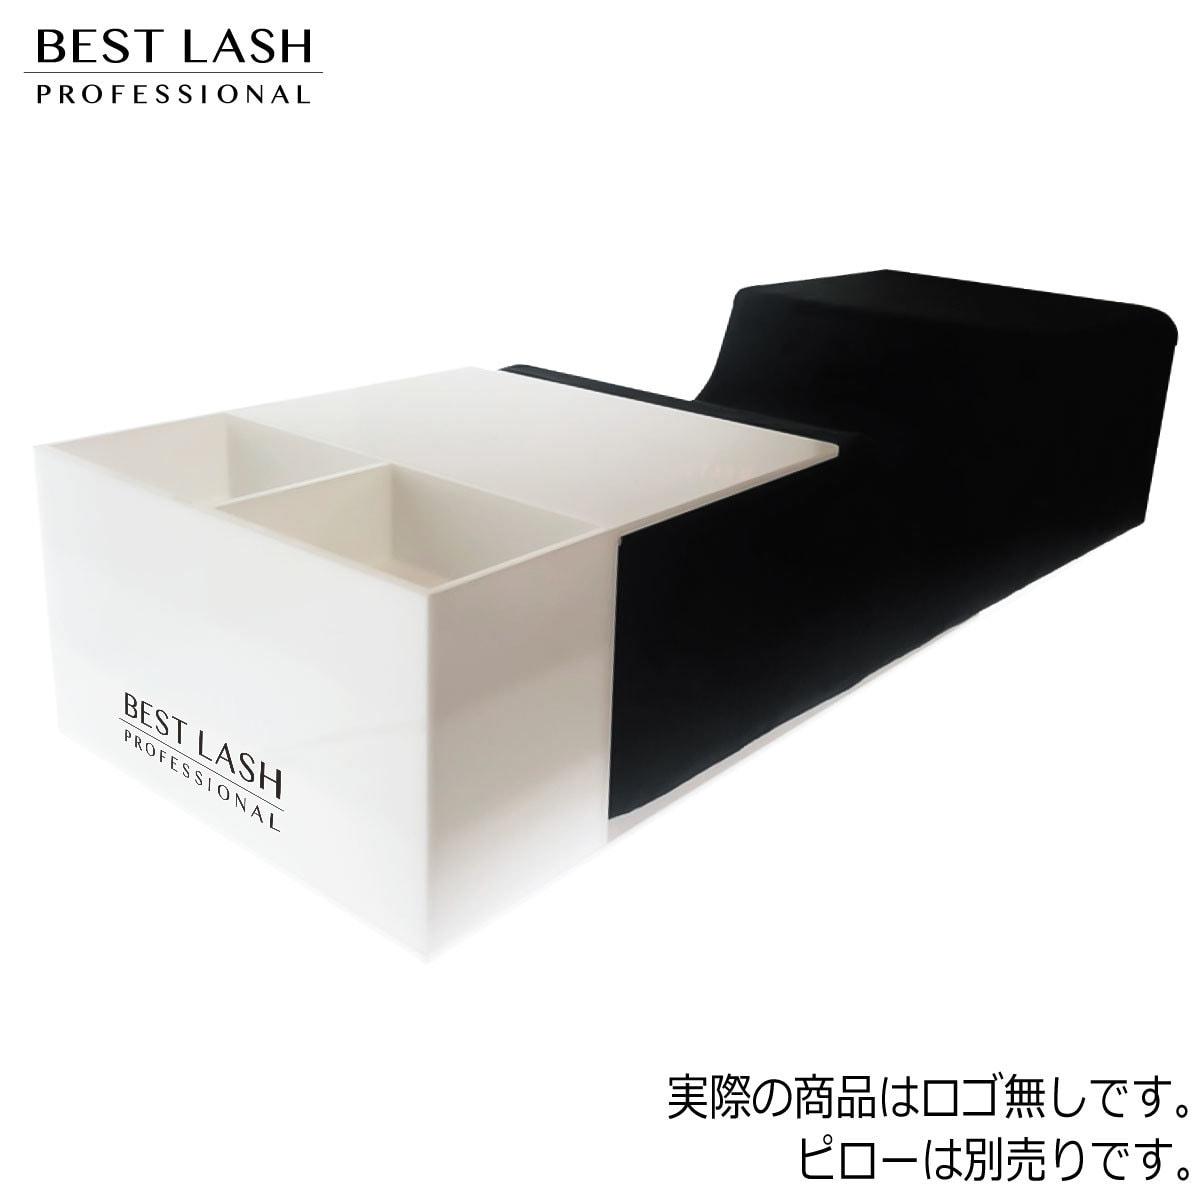 5fc41d52a1a4 BEST LASH】ピローシェルフの卸・通販 | アイラッシュガレージ【公式】